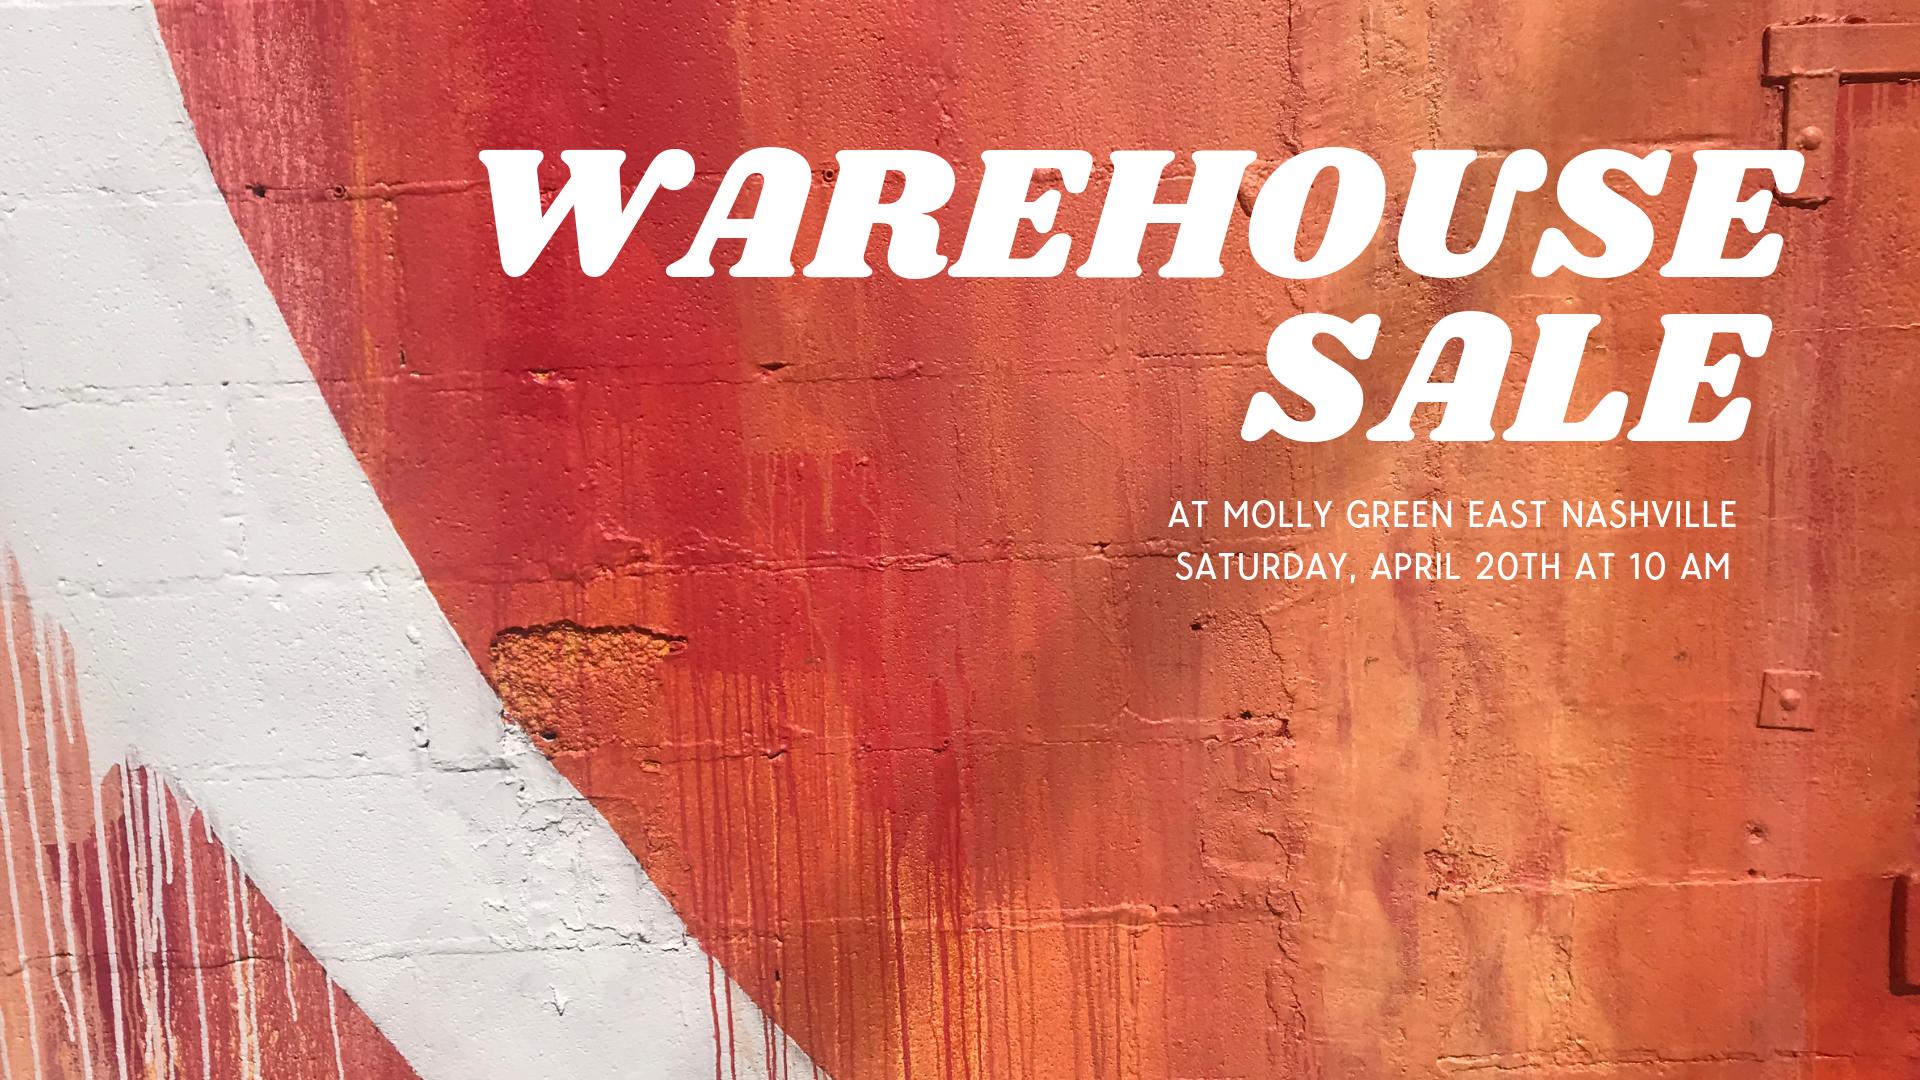 Let's Talk Warehouse Sale  Image